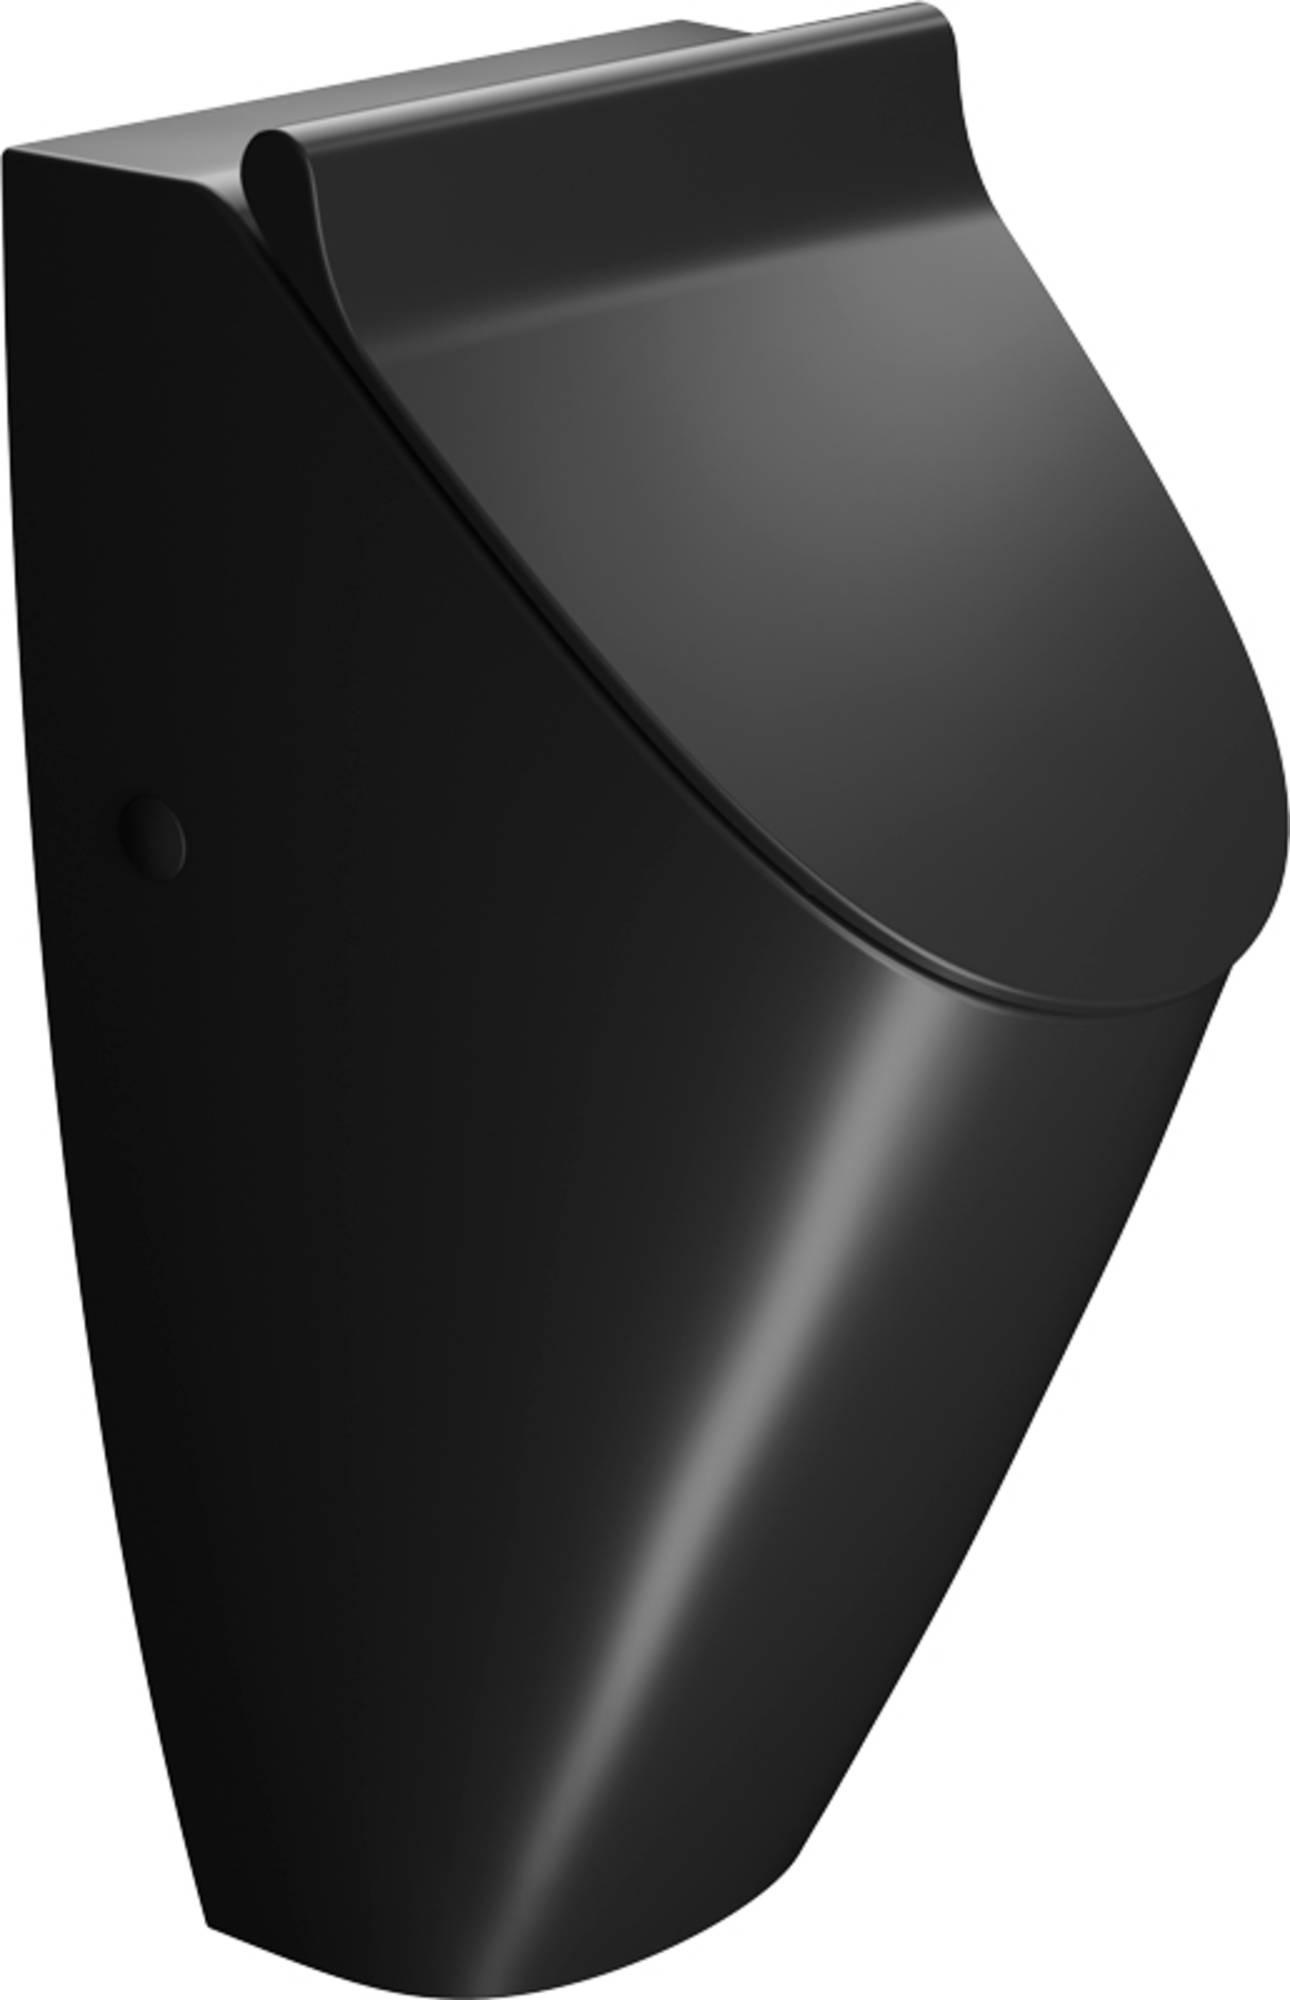 Ben Stilo Urinoir 31x35x65 cm geschikt voor deksel Mat Zwart